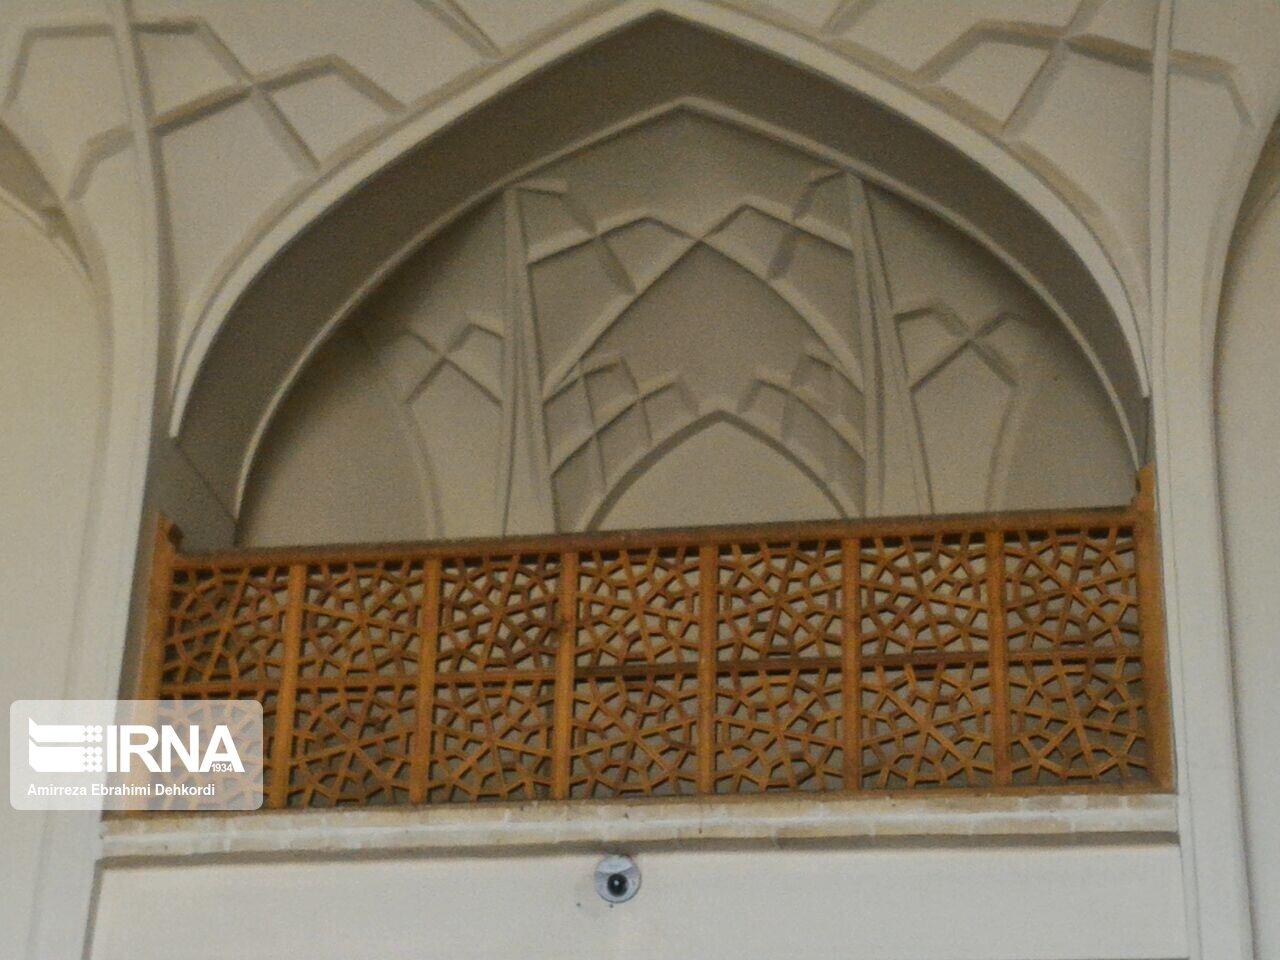 خانه تاریخی عامریهای کاشان یکی از ۲۵ اقامتگاه برتر خاورمیانه